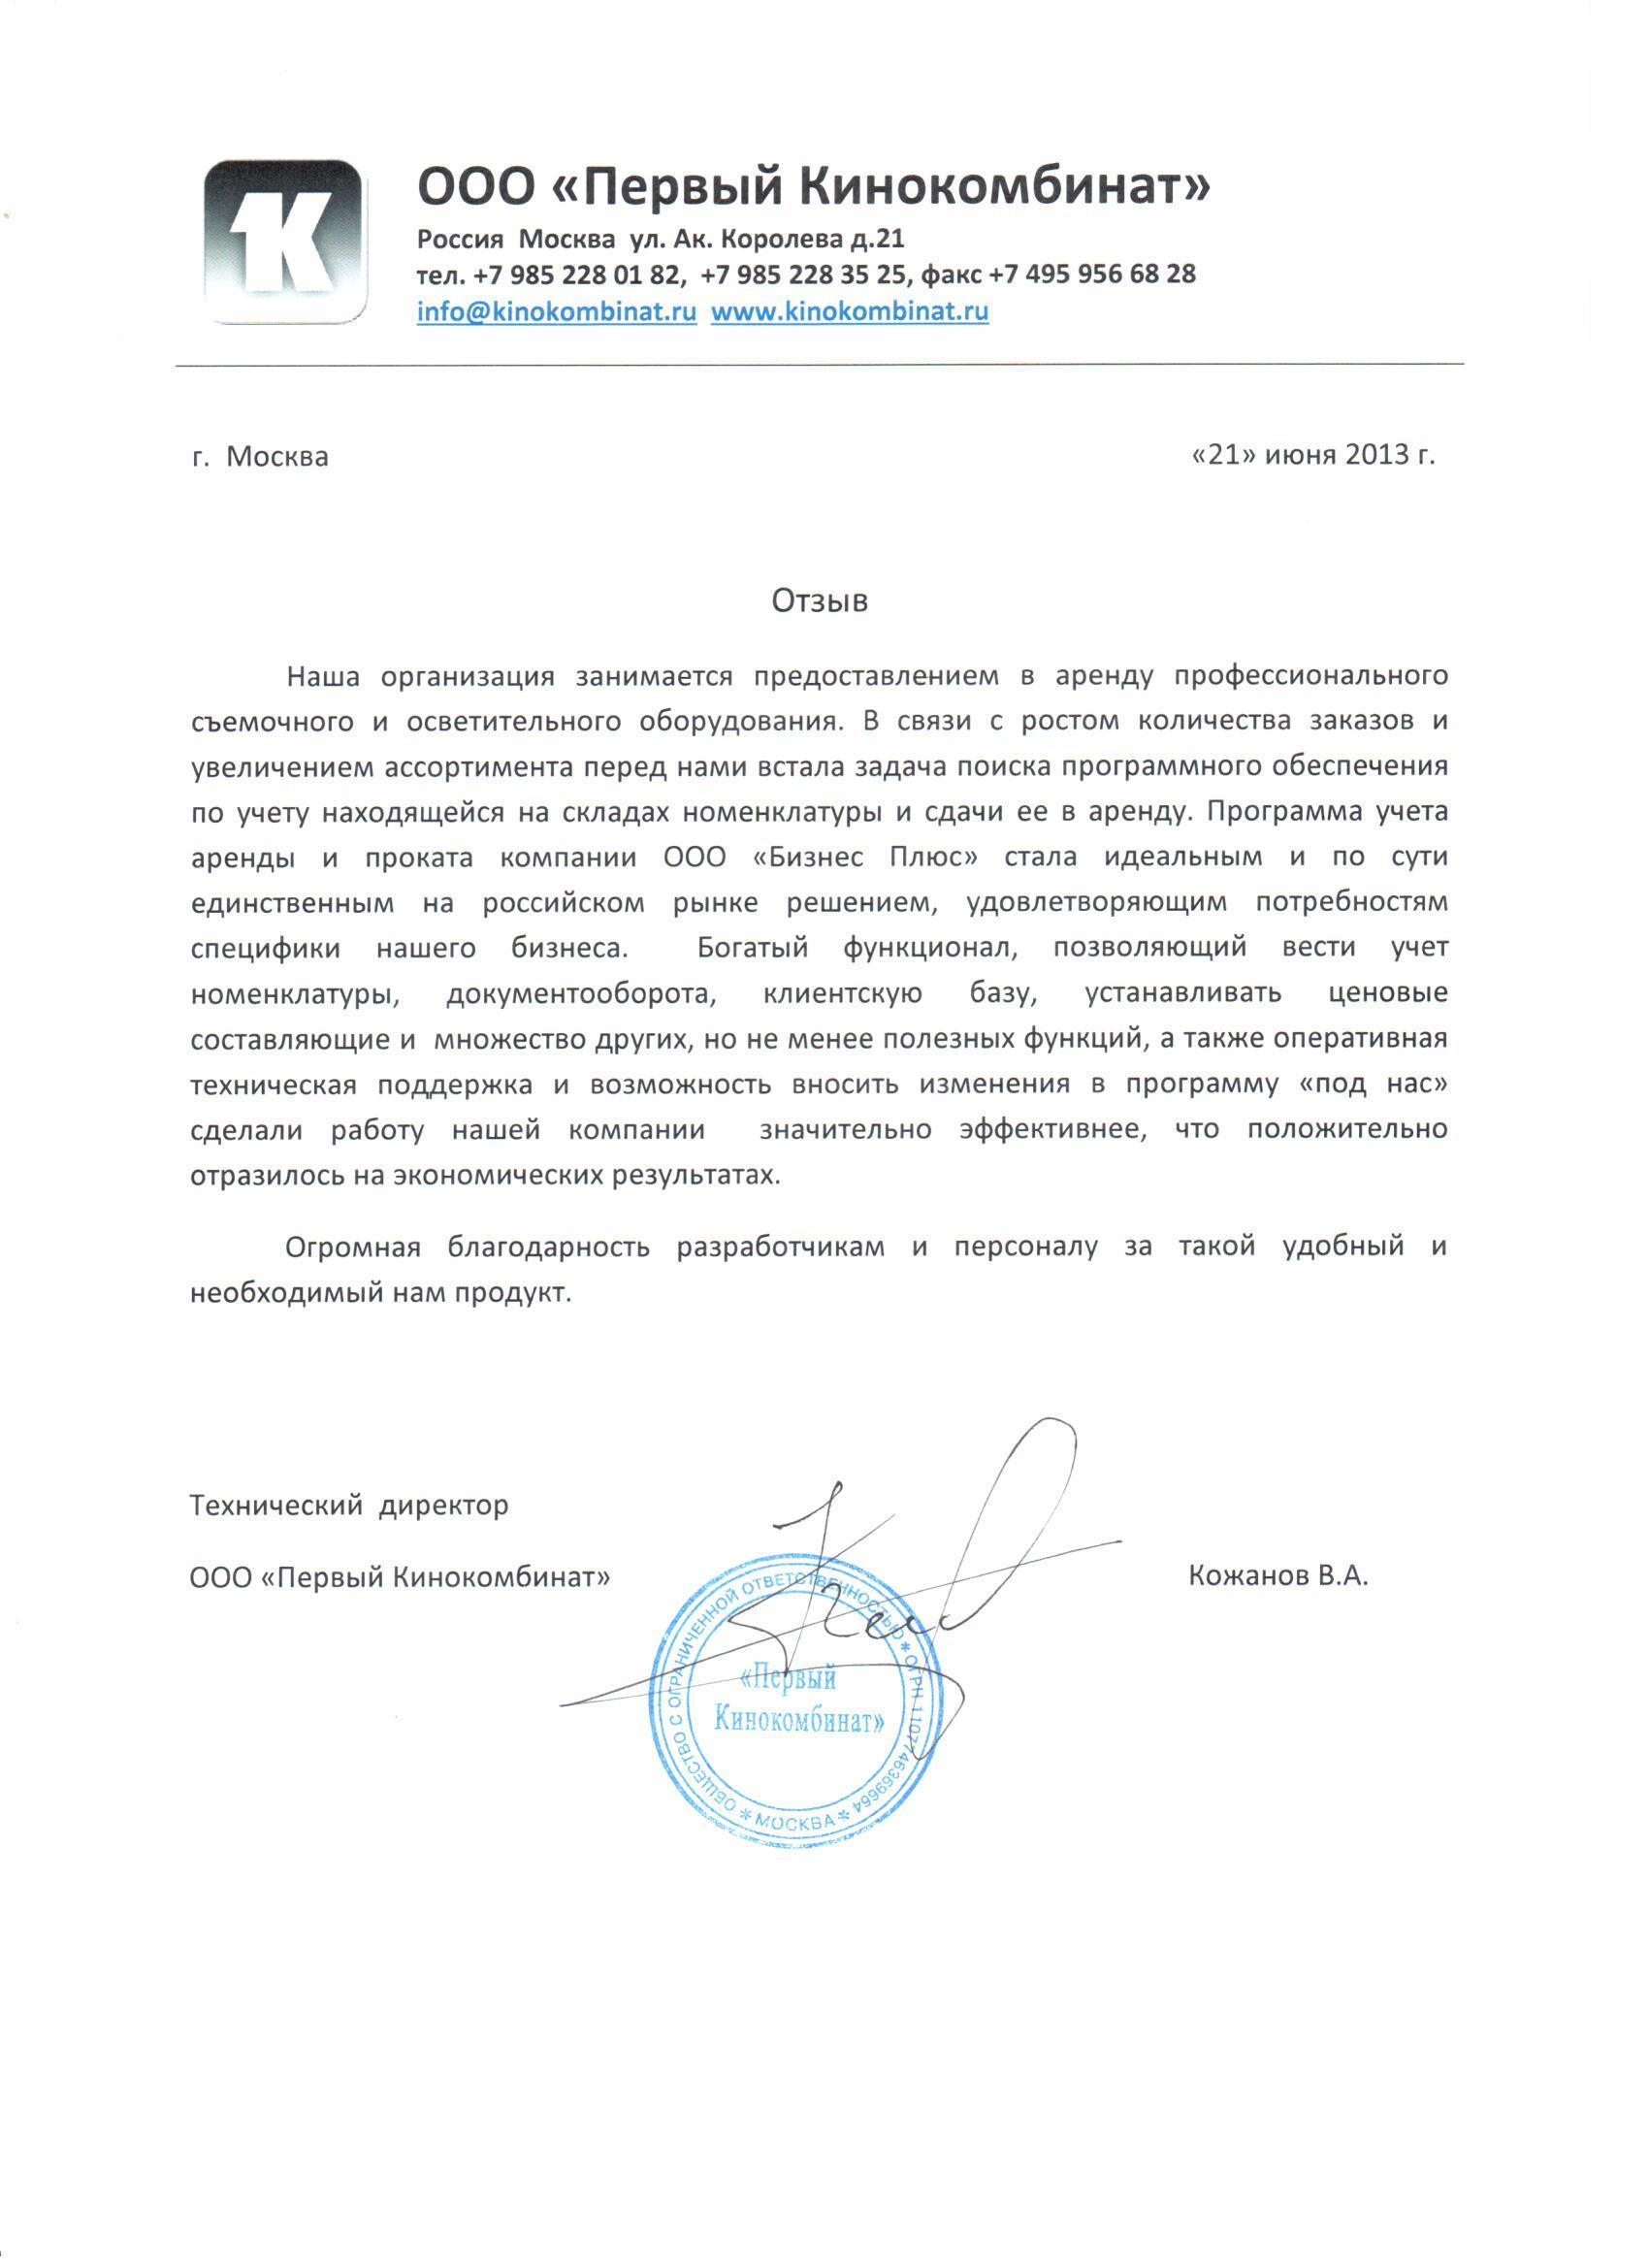 Отзыв ООО Первый Кинокомбинат